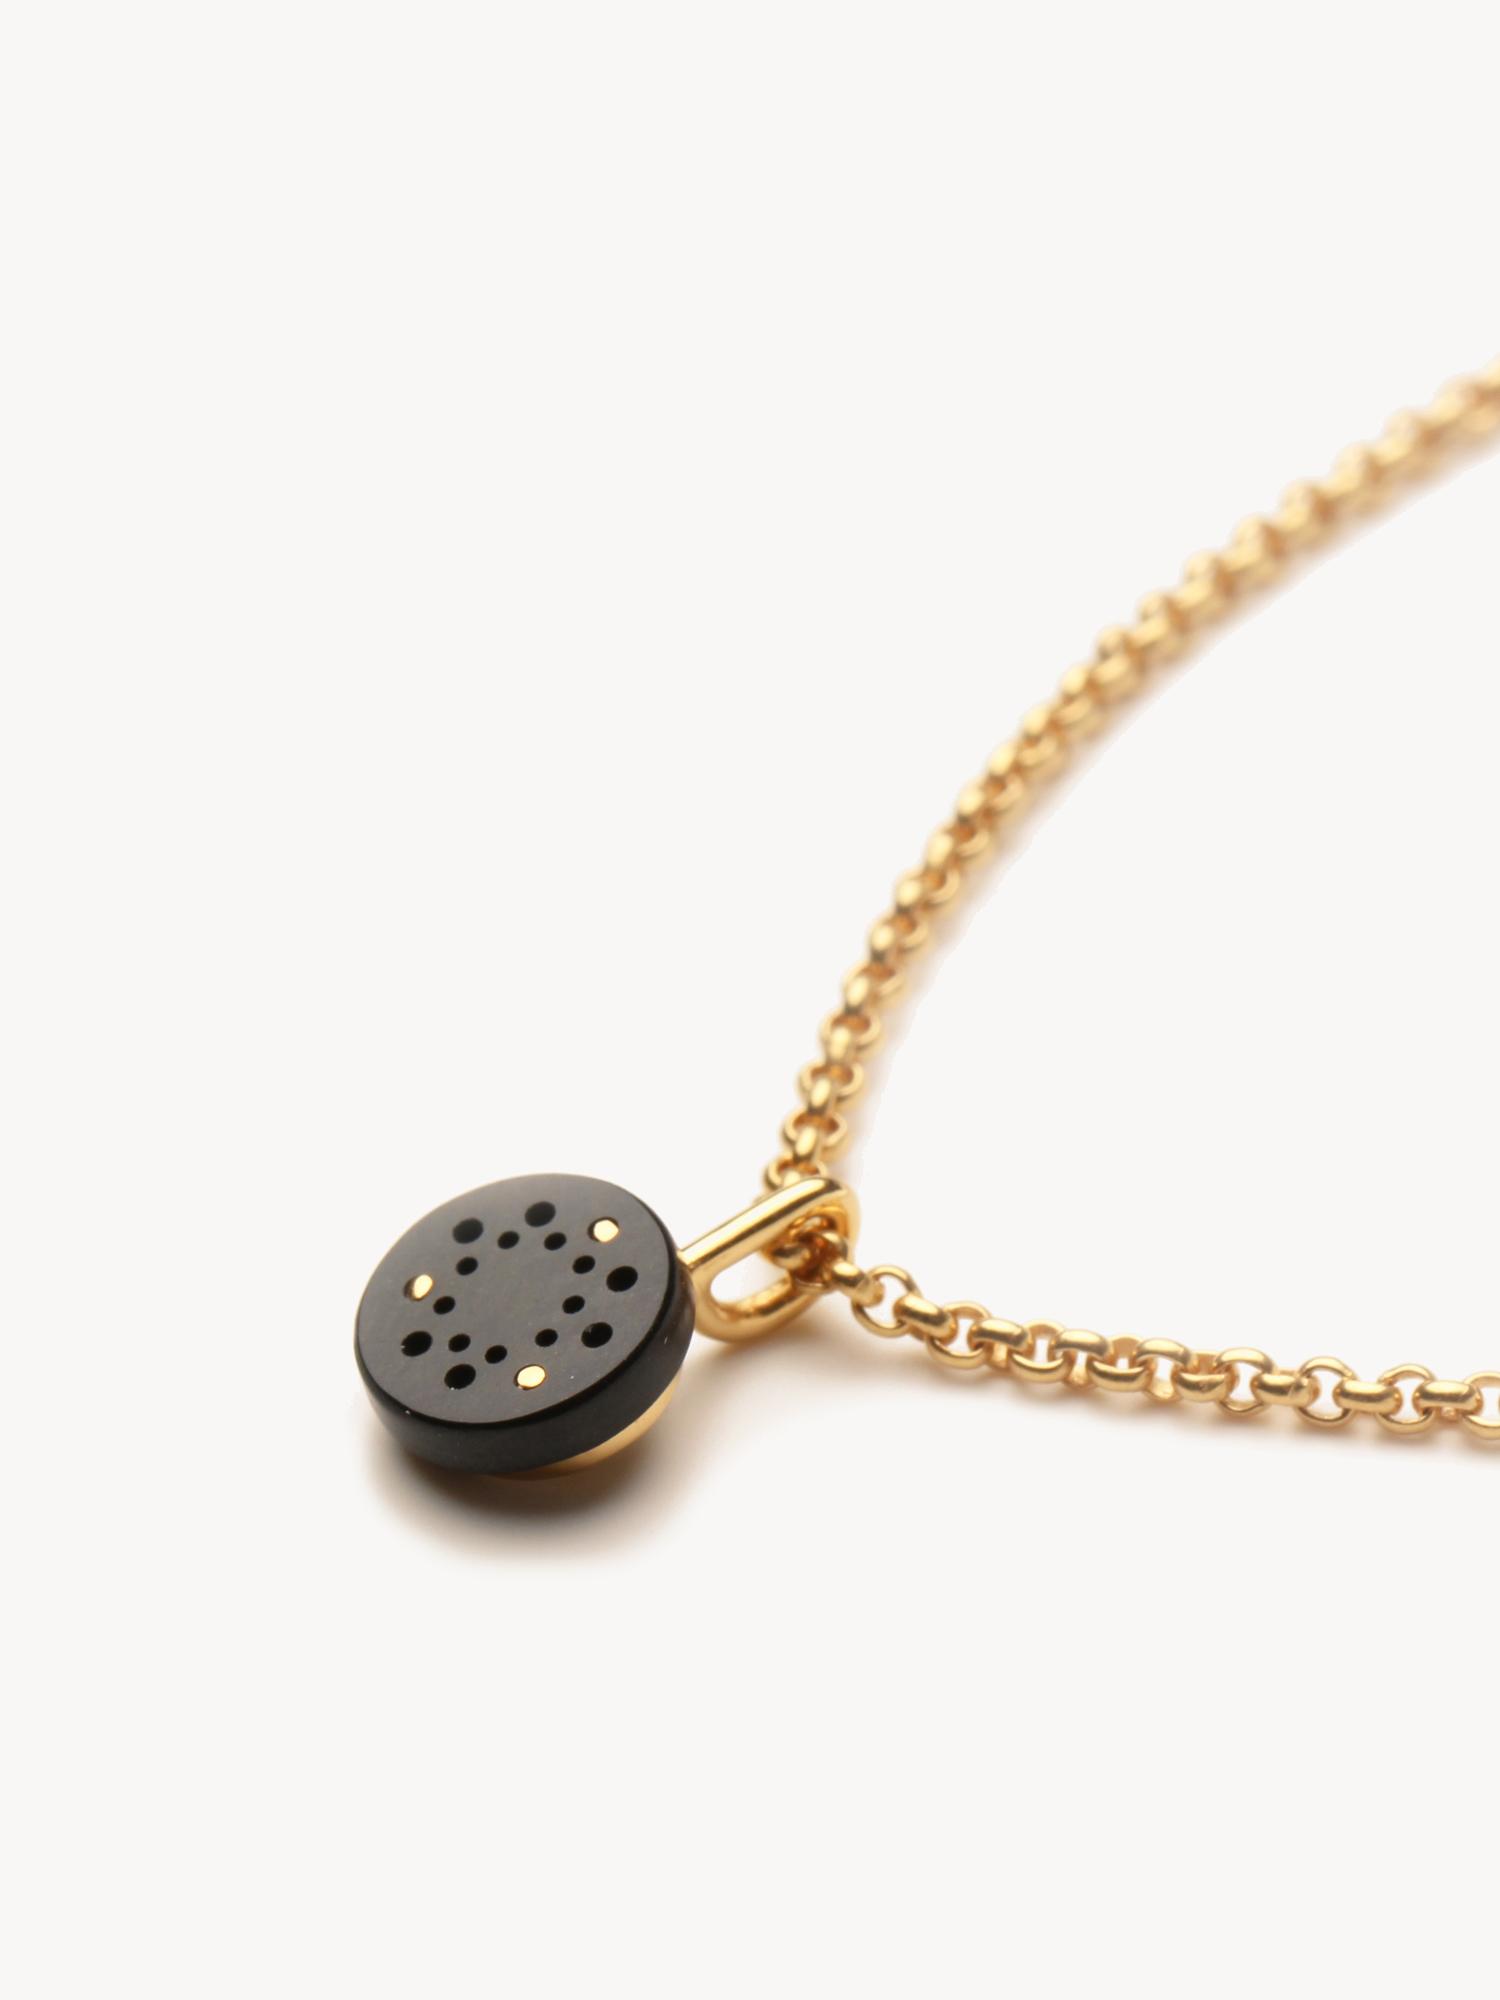 Lochwerk-Anhänger Petit in 585 Gelbgold und synthetischem Onyx  Lochwerk-pendant Petit in 14kt gold and synthetic onyx